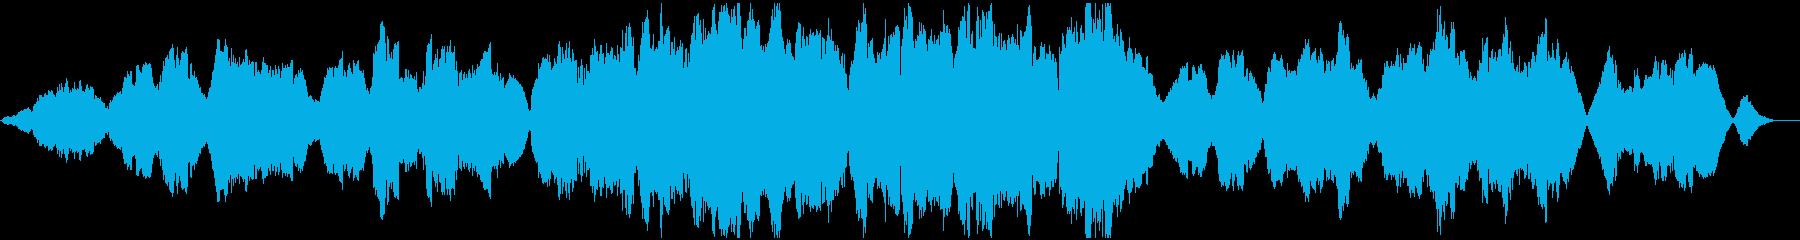 温かく包み込むようなトランペットのBGMの再生済みの波形